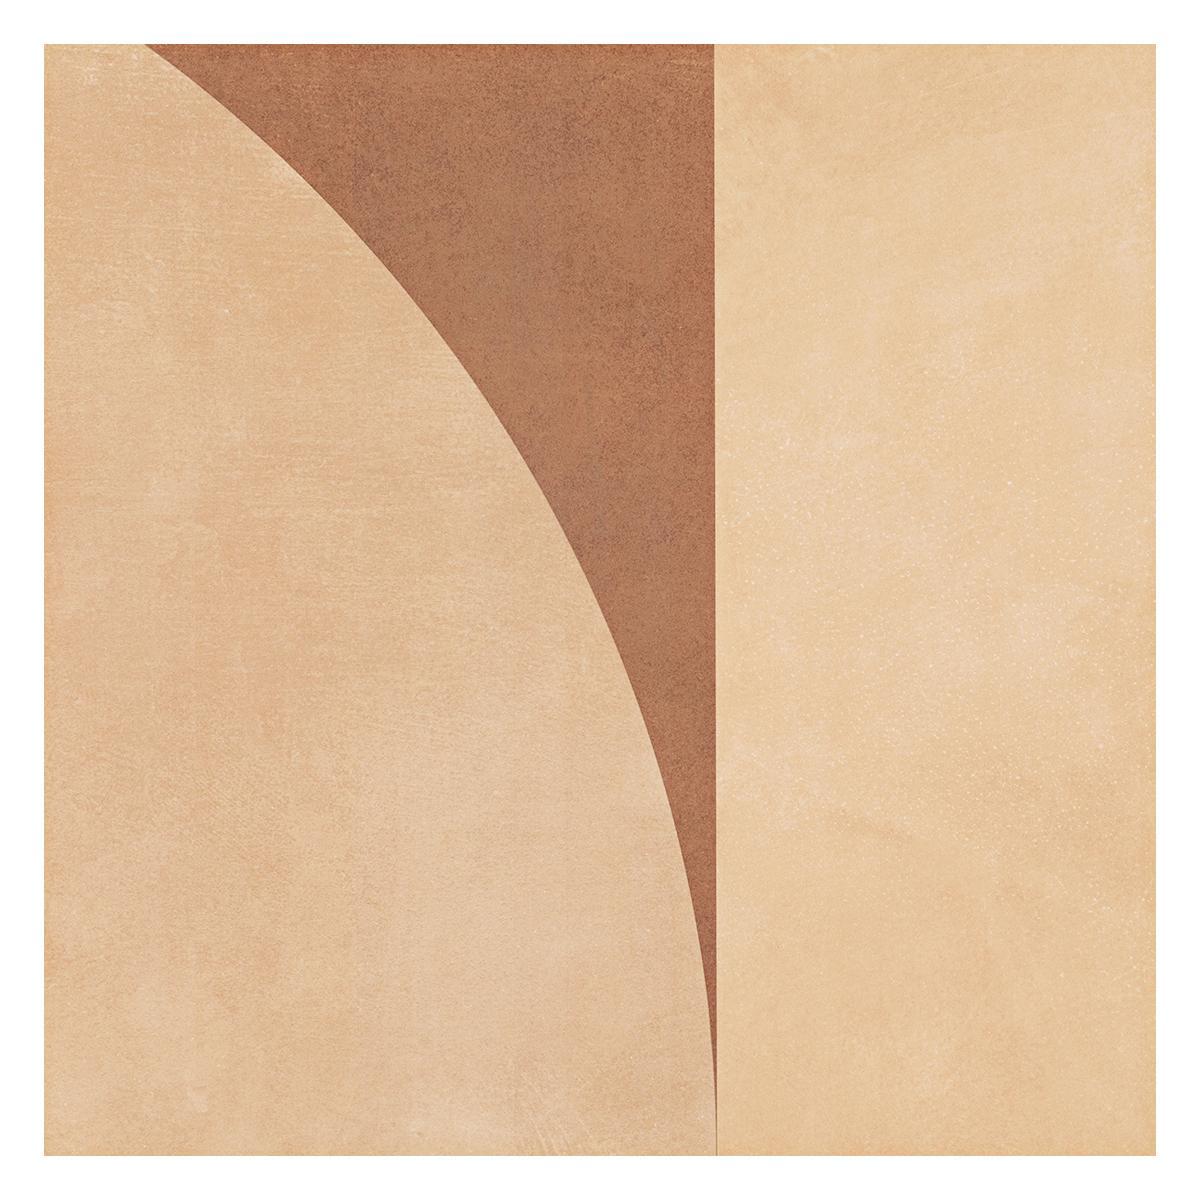 Porcelanato Palace Marrón - Beige Mate - 59X59 cm - 1.39 m2